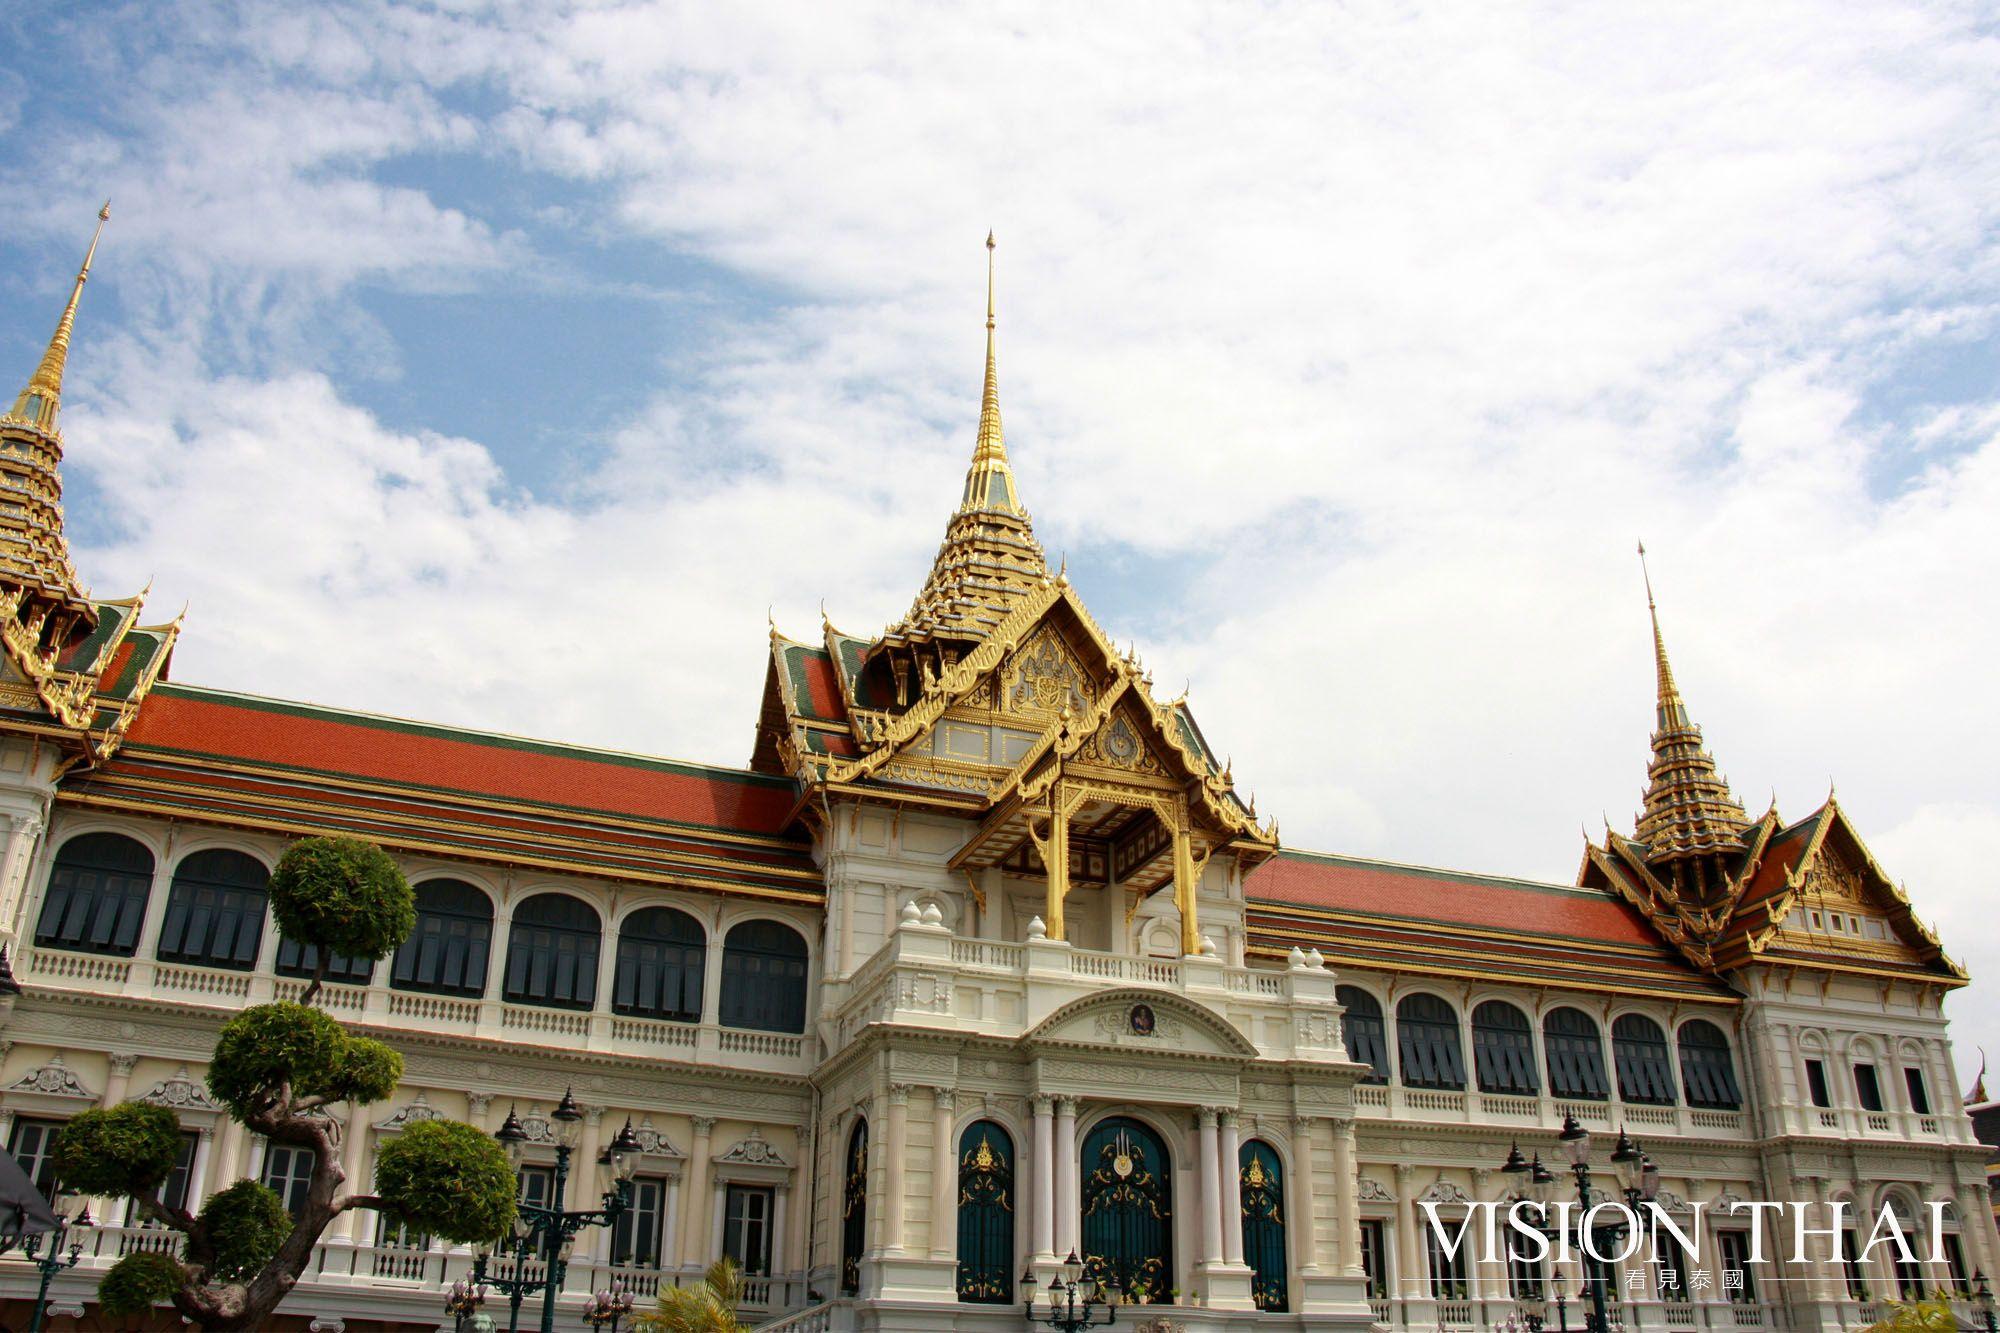 曼谷大皇宮 The Grand Palace 泰國現存規模最大最完善的宮廷建築